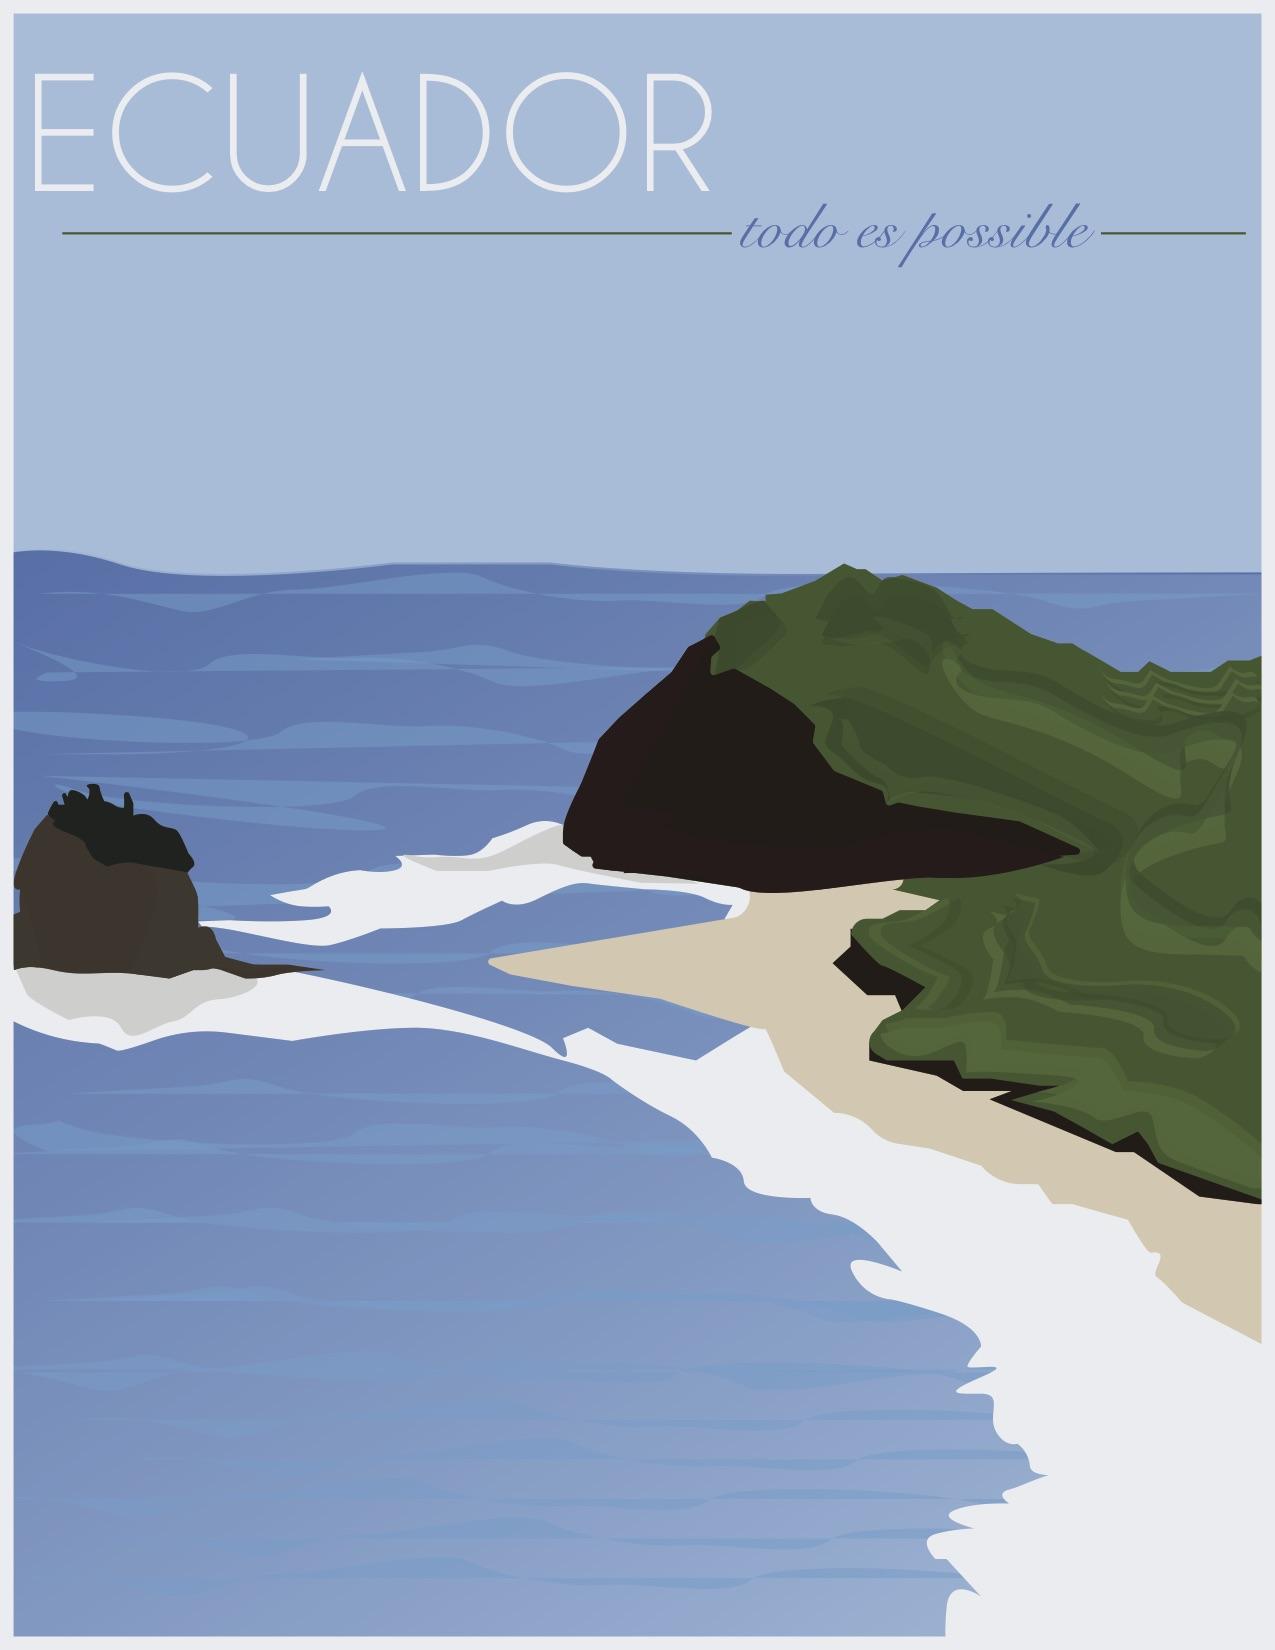 Poster_Ecuador.jpg